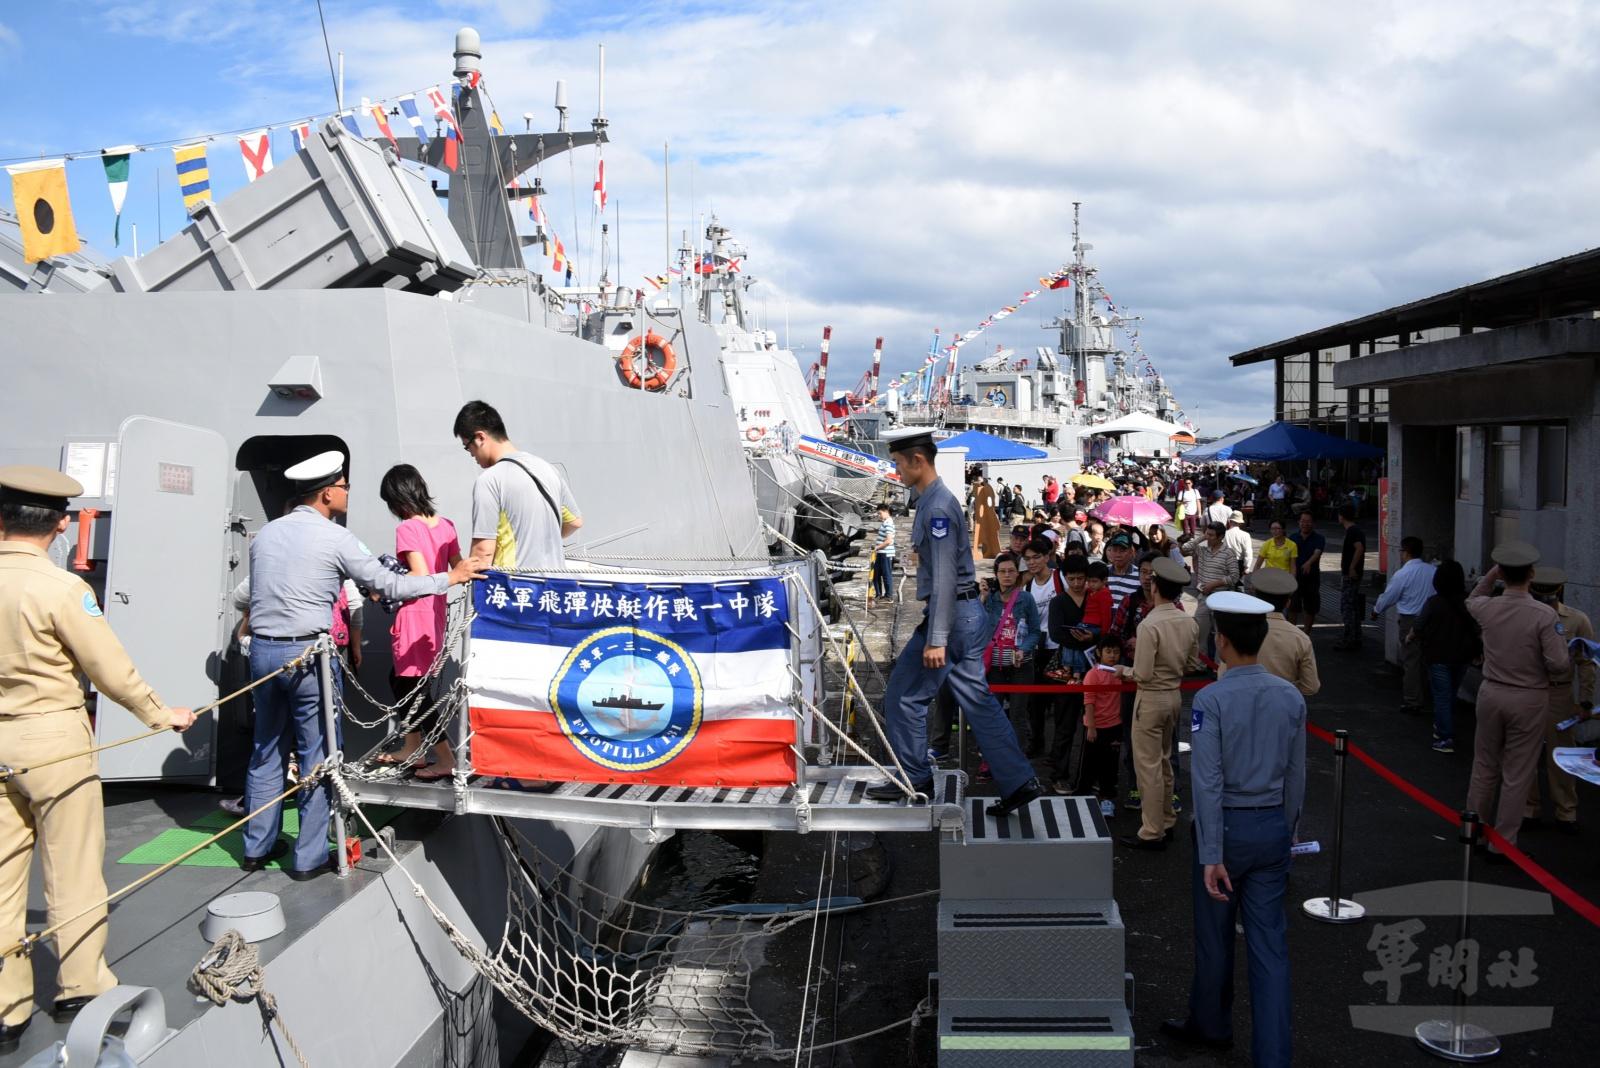 106年全民國防艦艇開放參觀活動